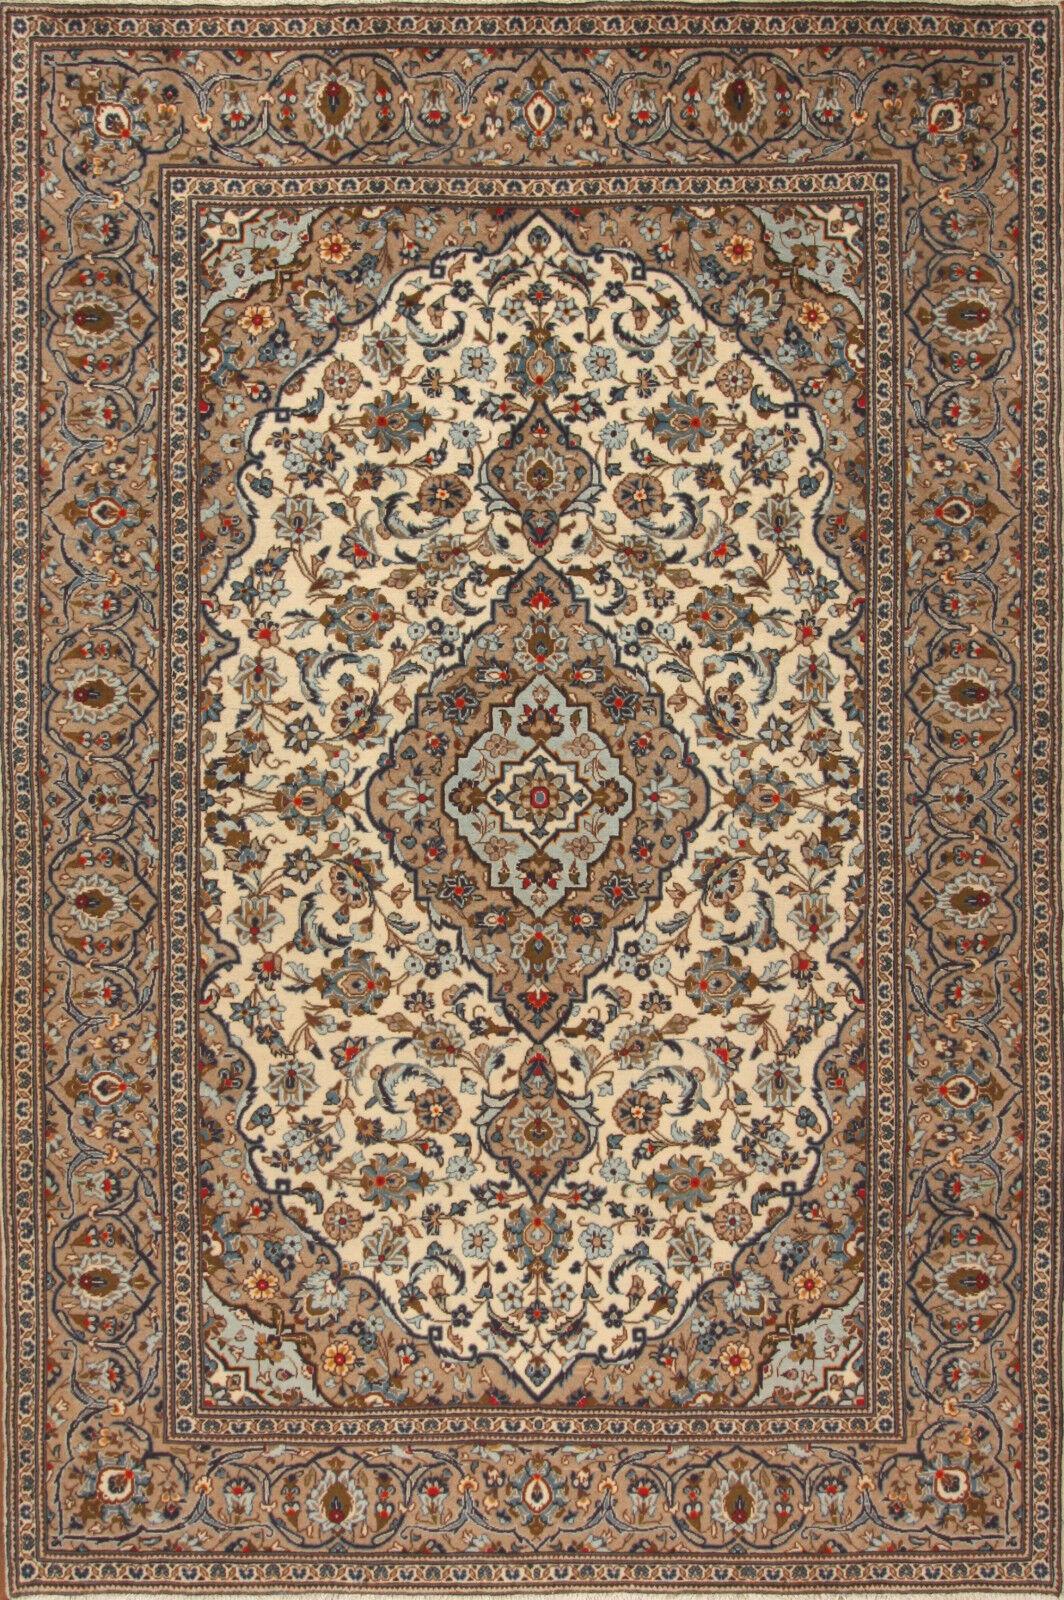 Alfombras orientales Auténticas hechas a mano persas nr. 4357 (300 x 200) cm